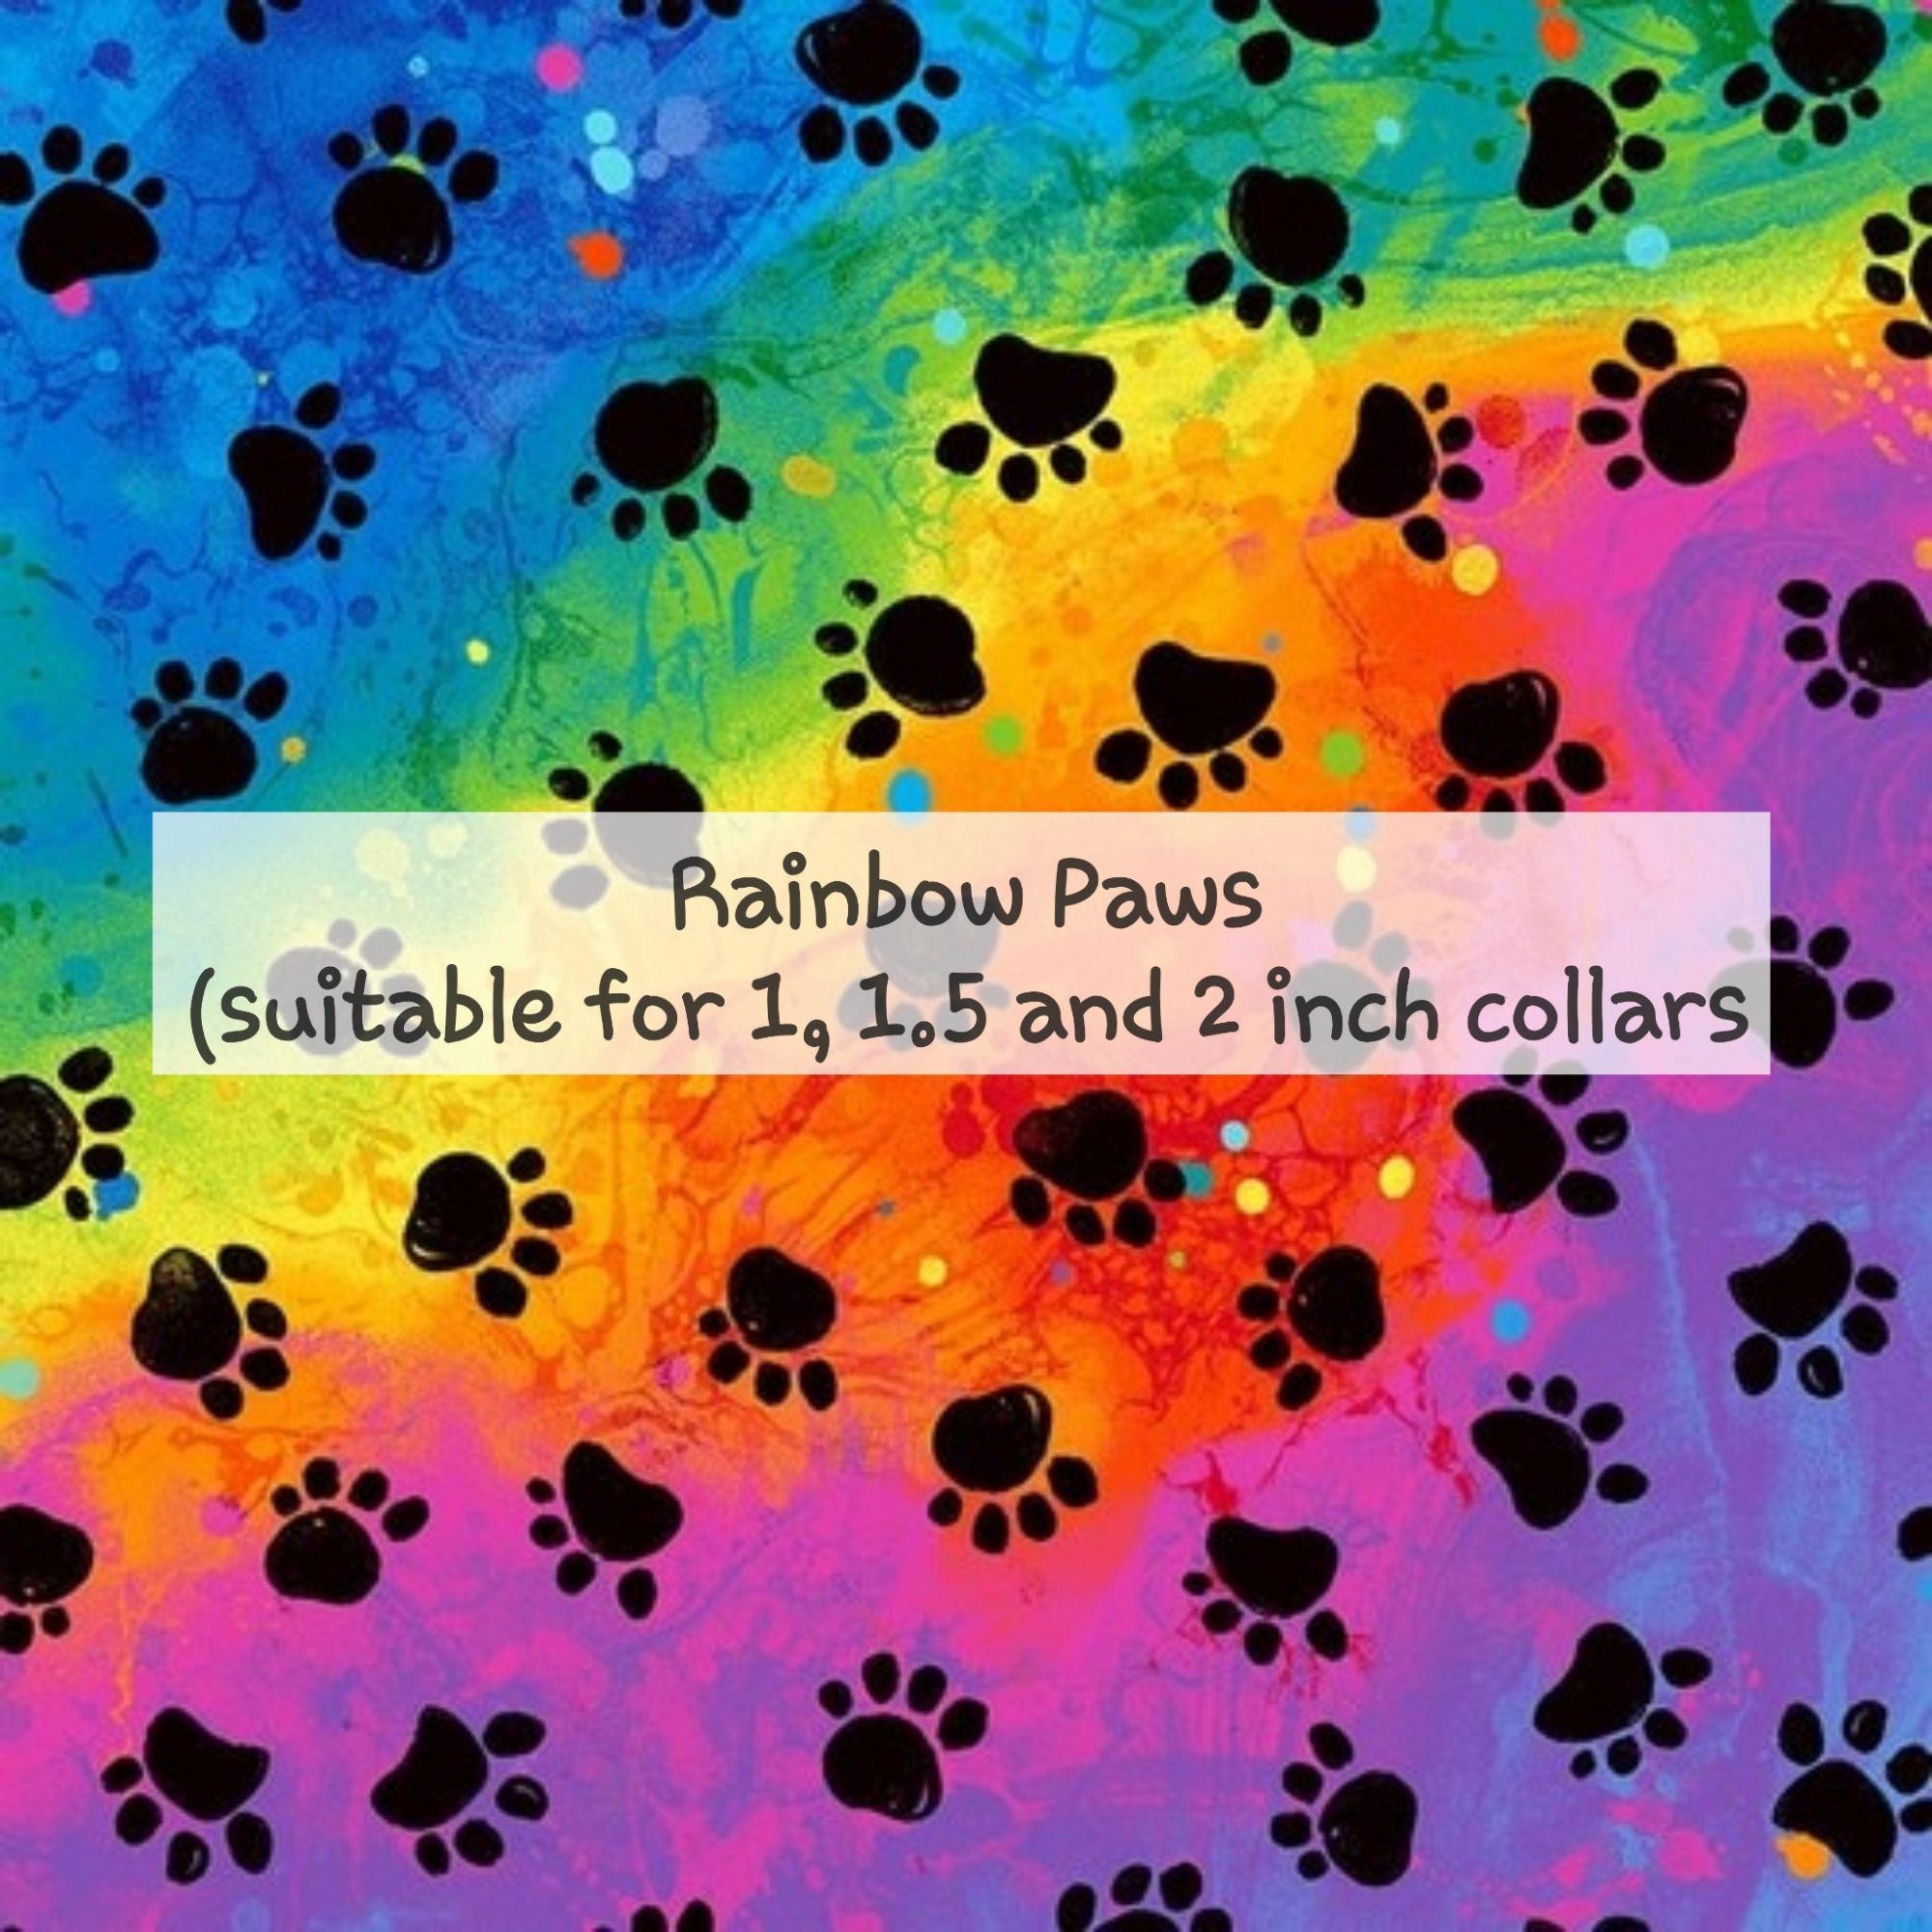 Rainbow Paws